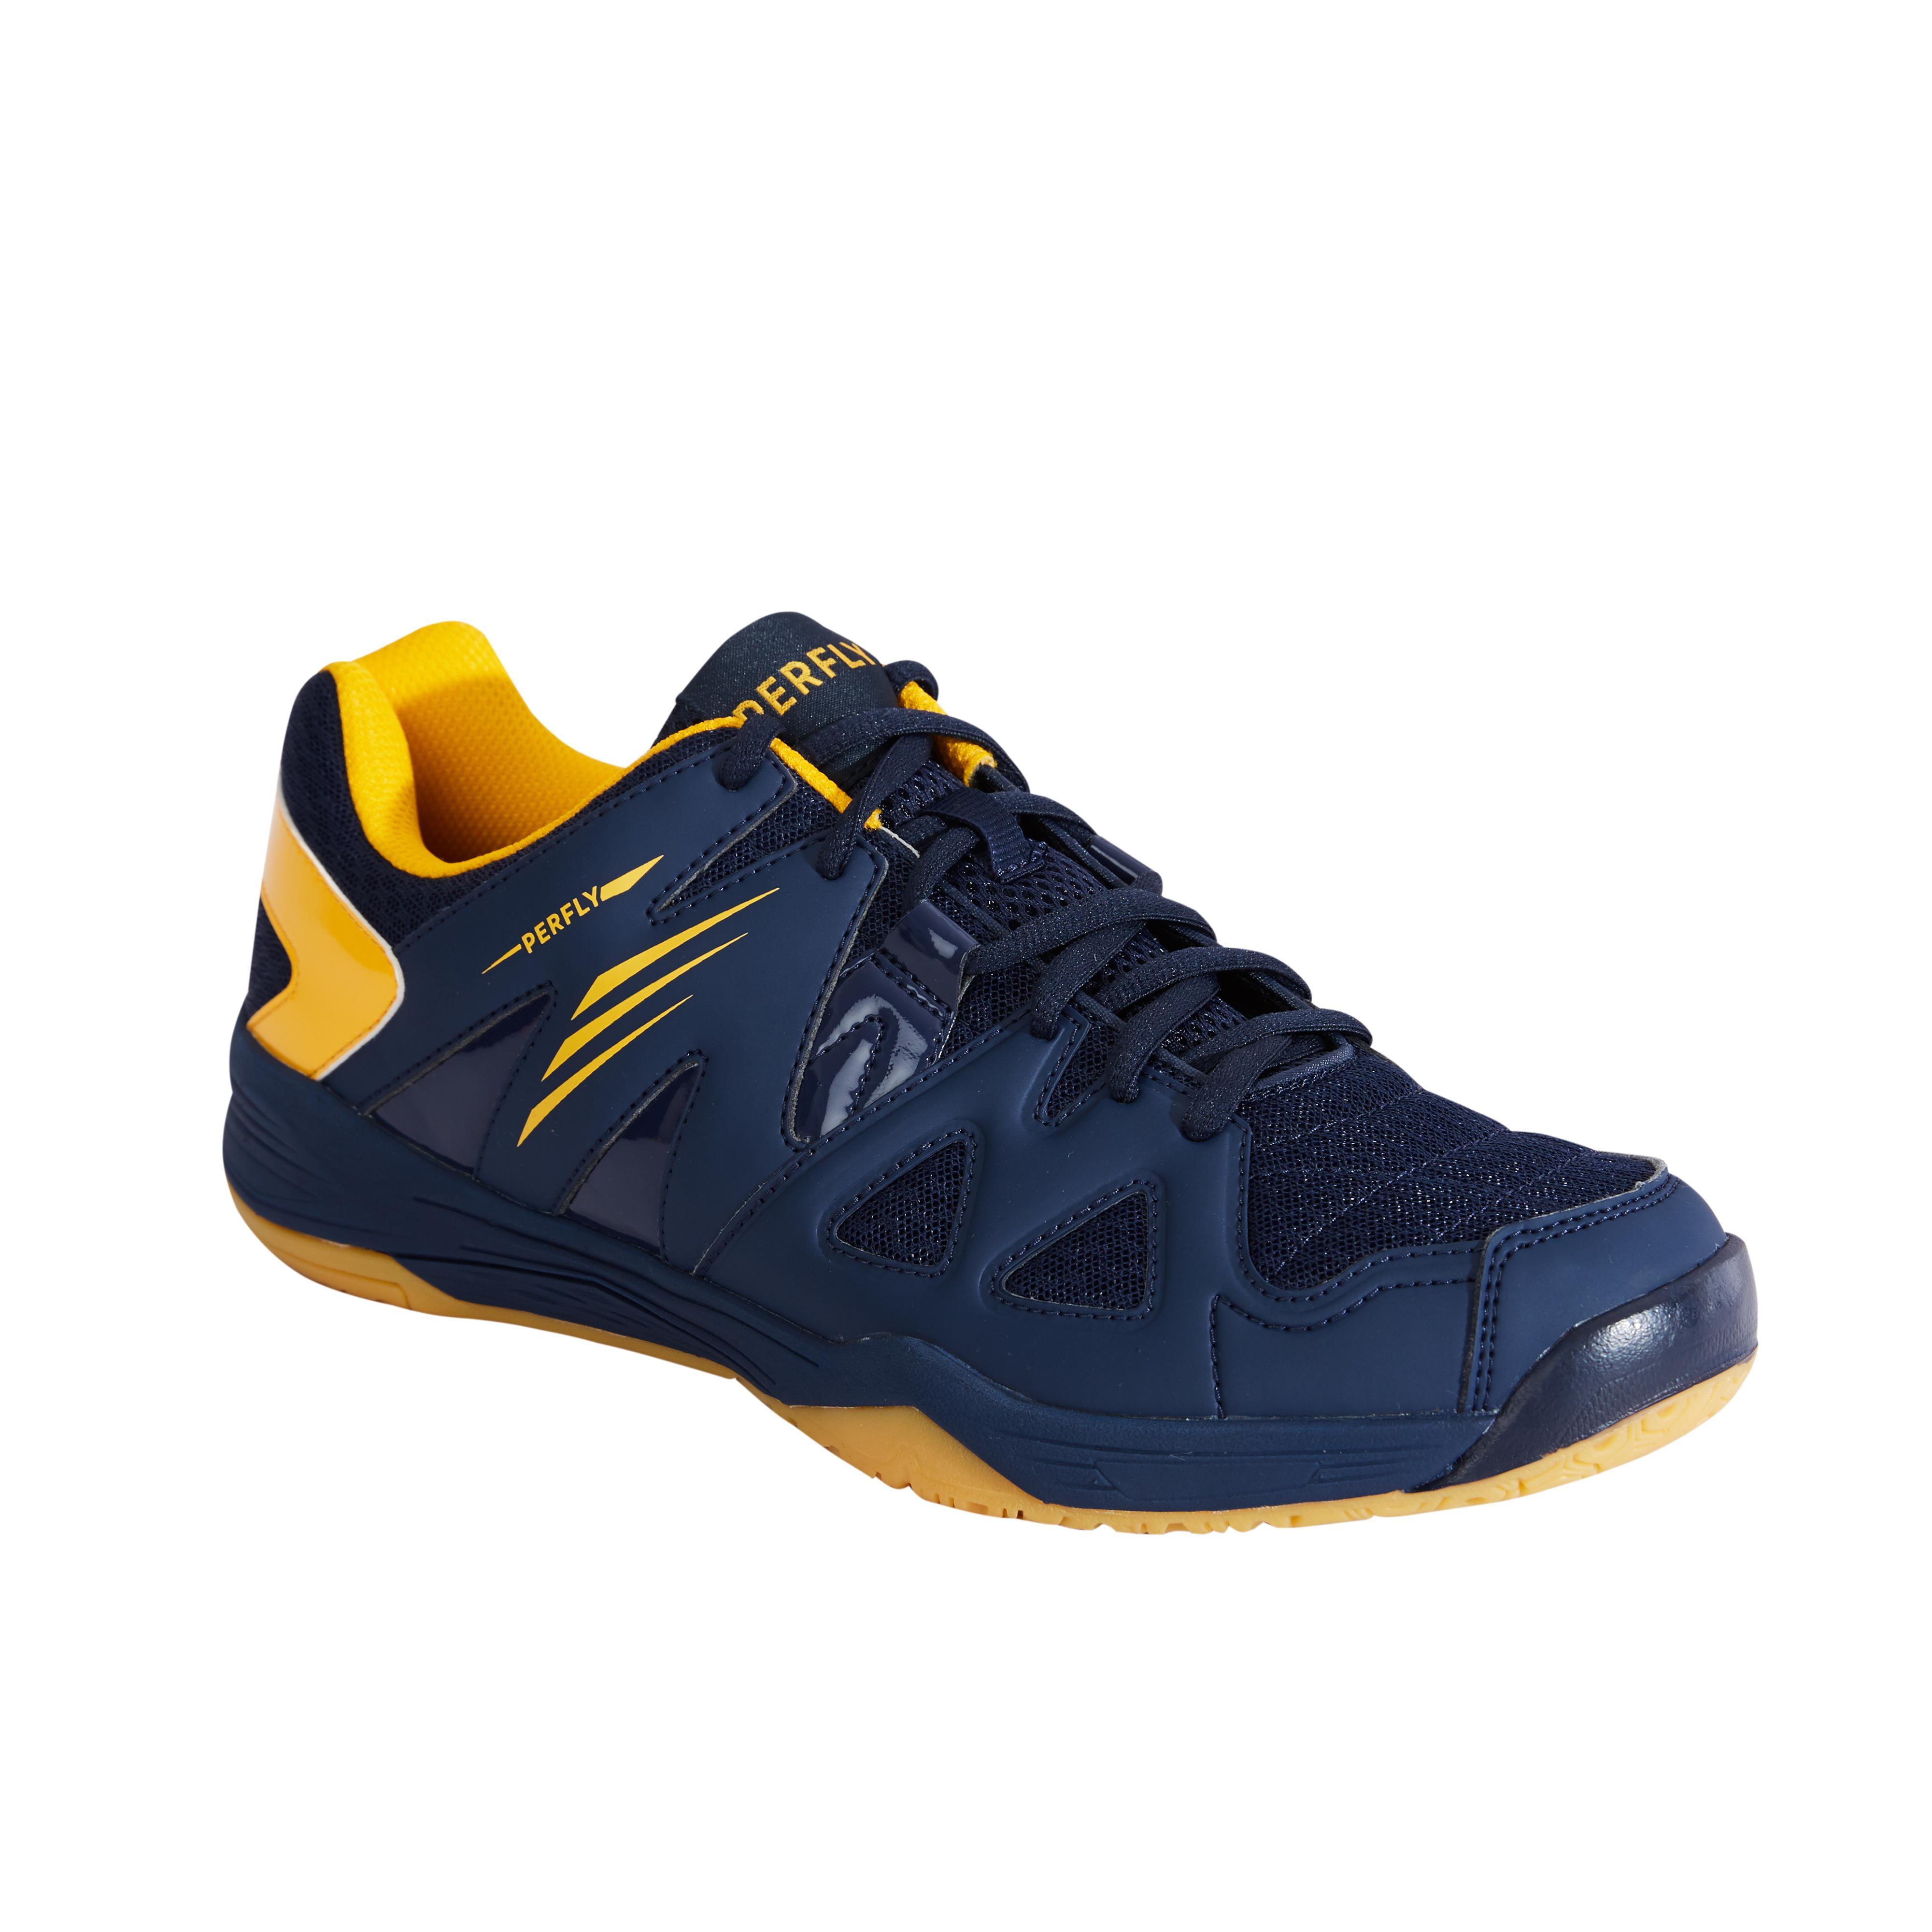 Men Badminton Shoes - Non Marking Shoes